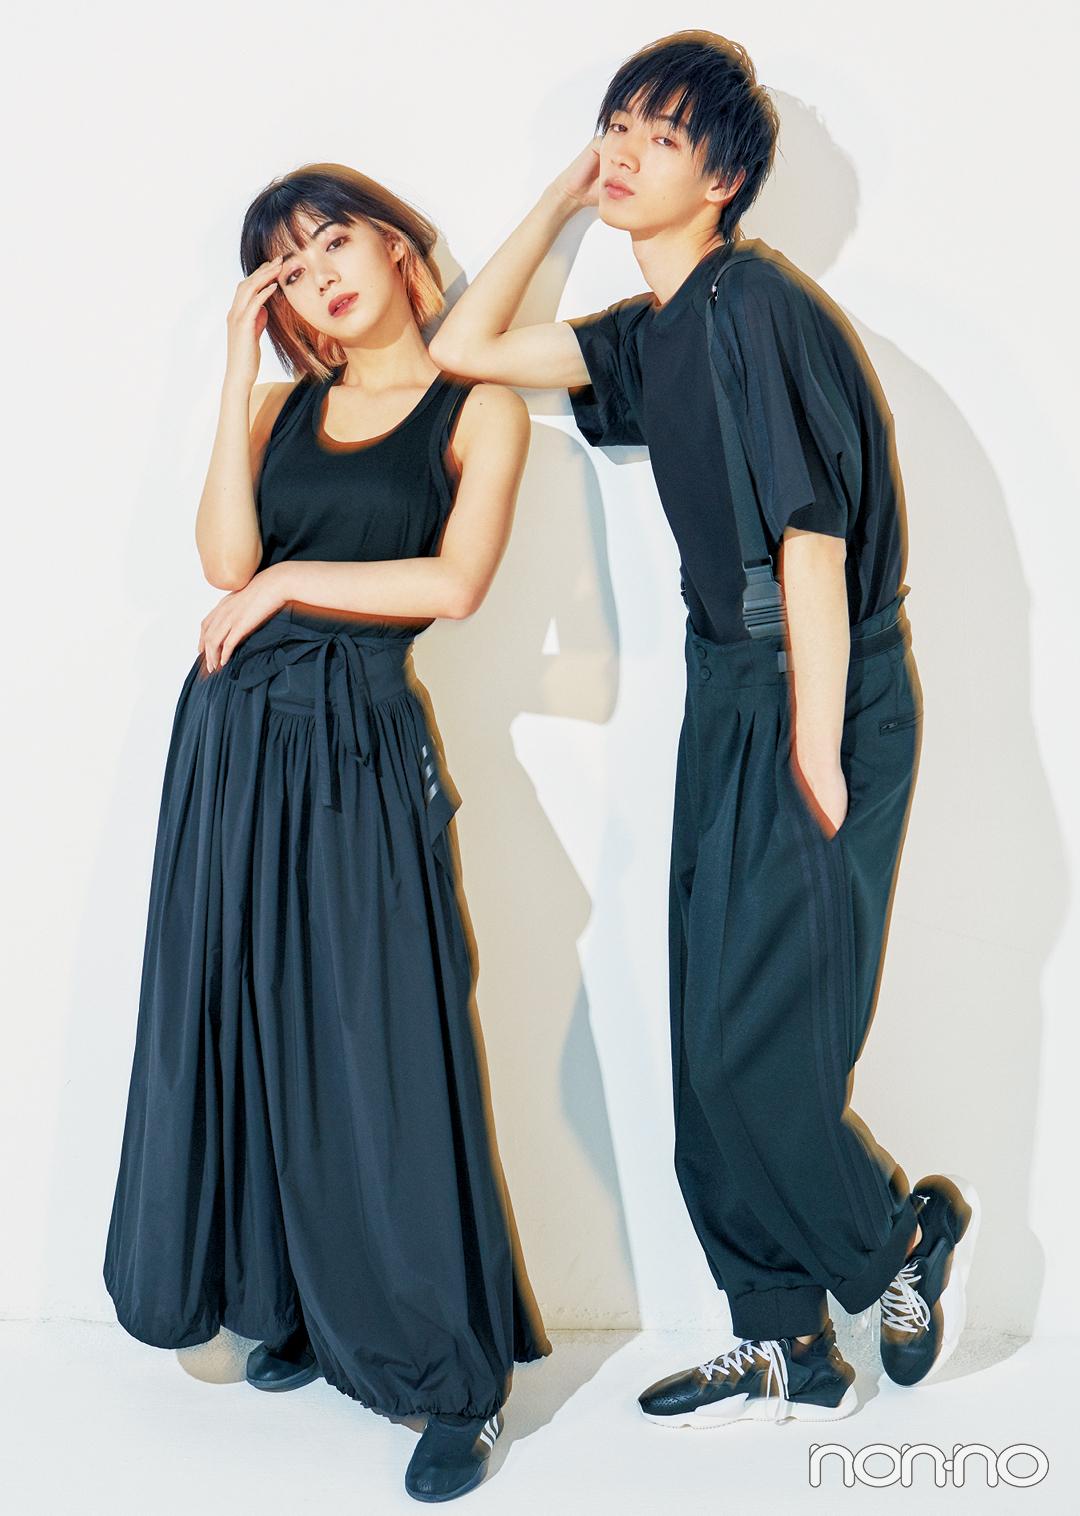 『貞子』で話題の池田エライザさんが、清水尋也さんと夏の黒でリンクコーデを披露!_1_2